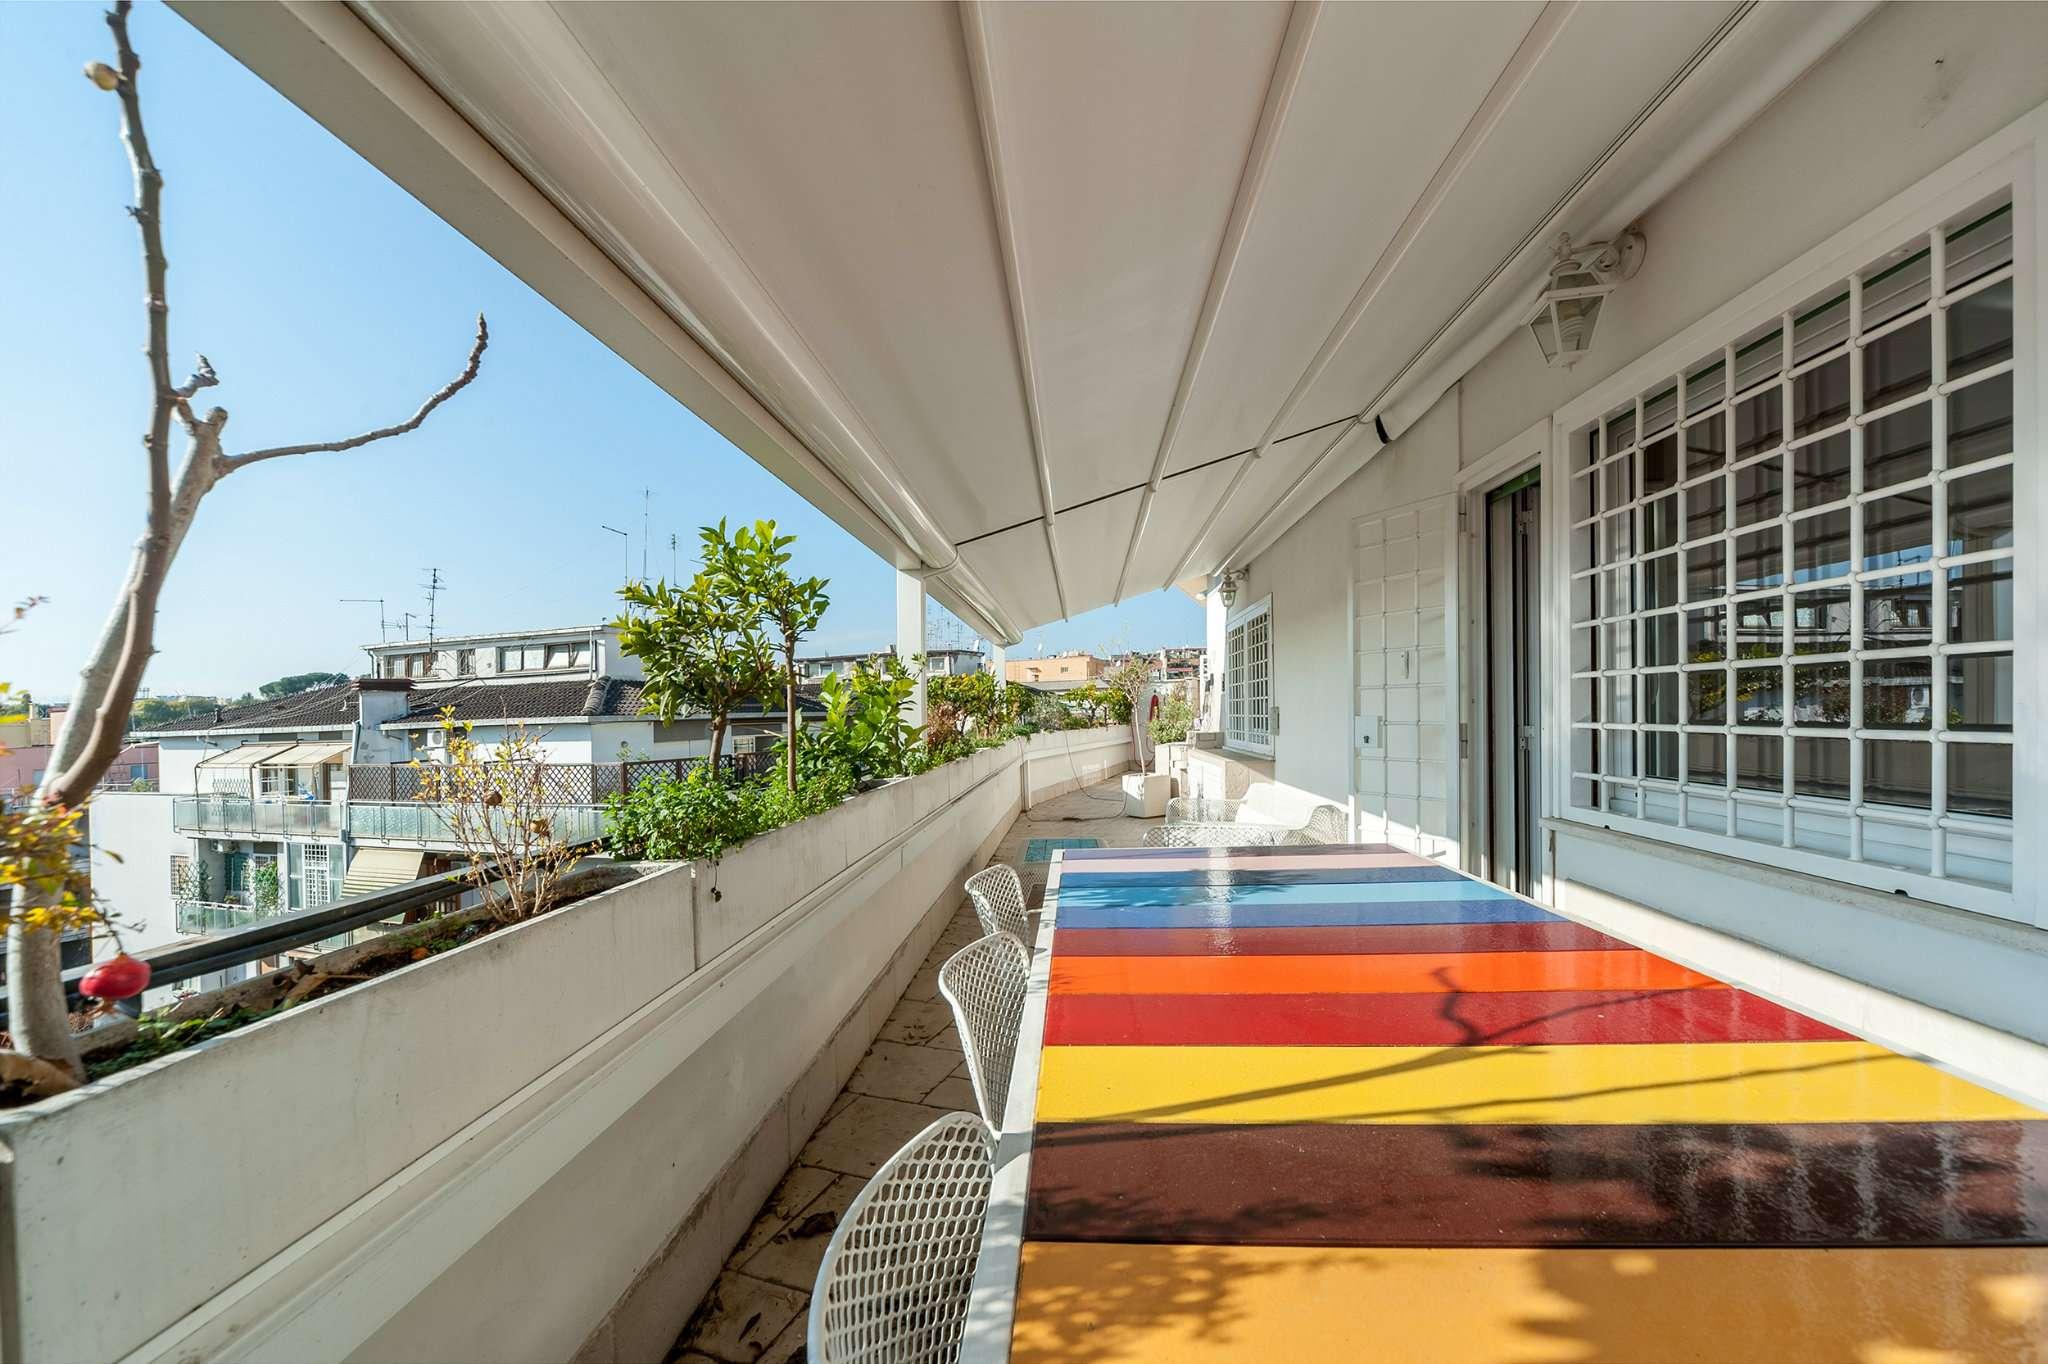 Appartamento in vendita a Roma, 4 locali, zona Zona: 3 . Trieste - Somalia - Salario, prezzo € 690.000 | CambioCasa.it